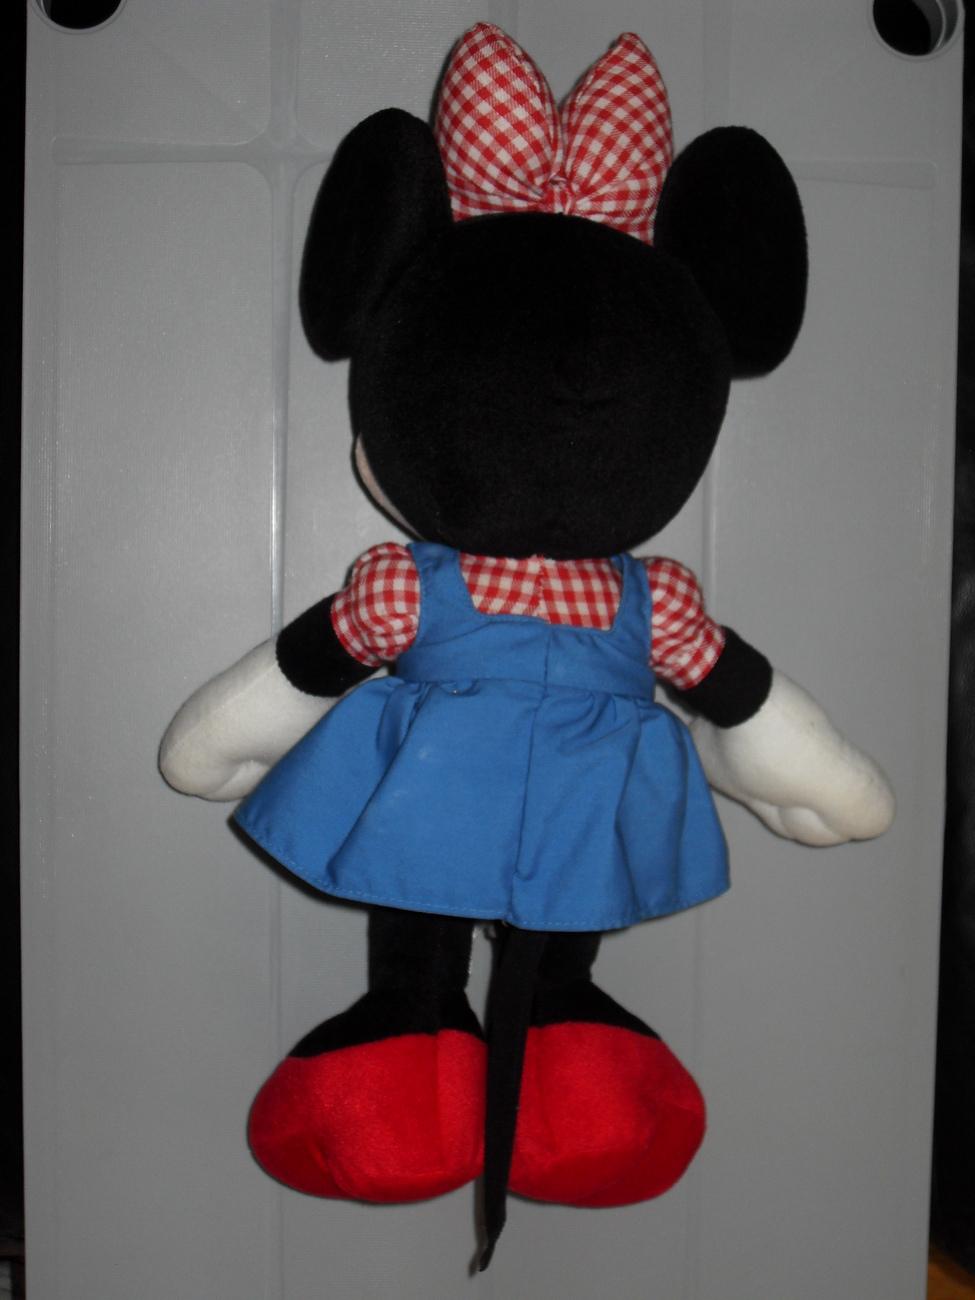 1998 Disney Sega Minnie Mouse Stuffed Toy